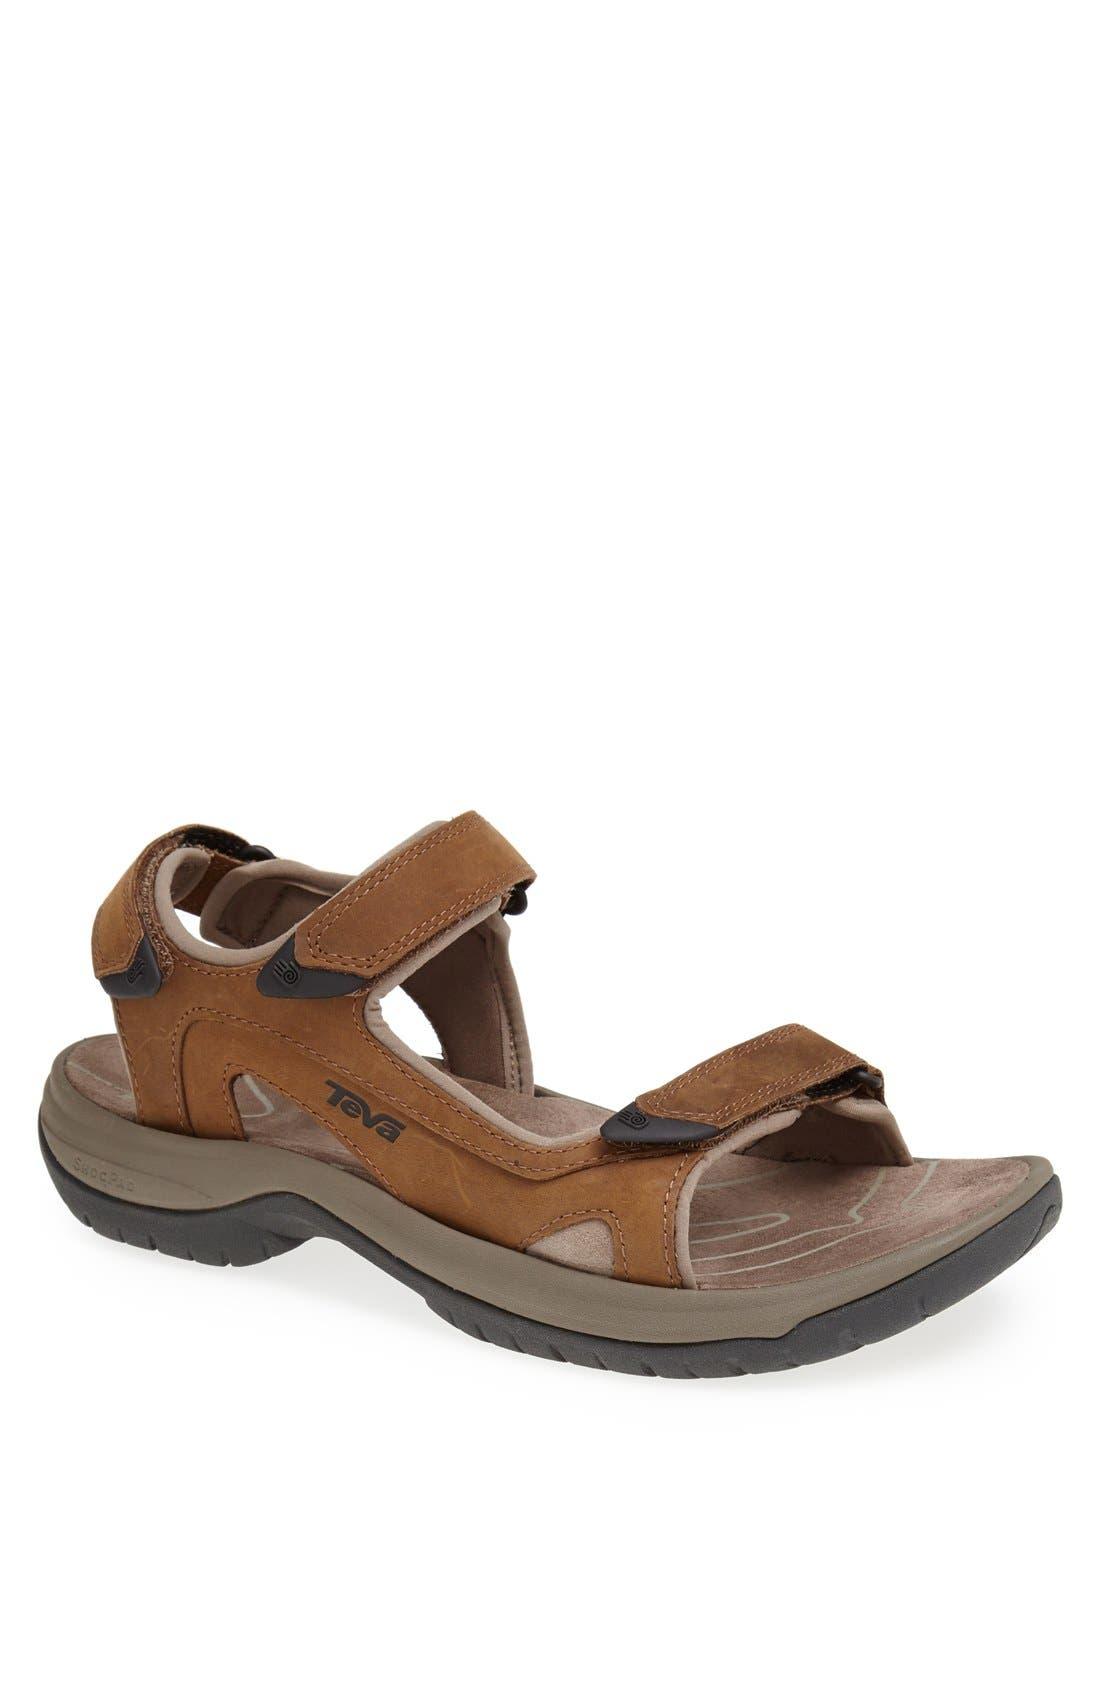 Alternate Image 1 Selected - Teva 'Jetter' Sandal (Men)